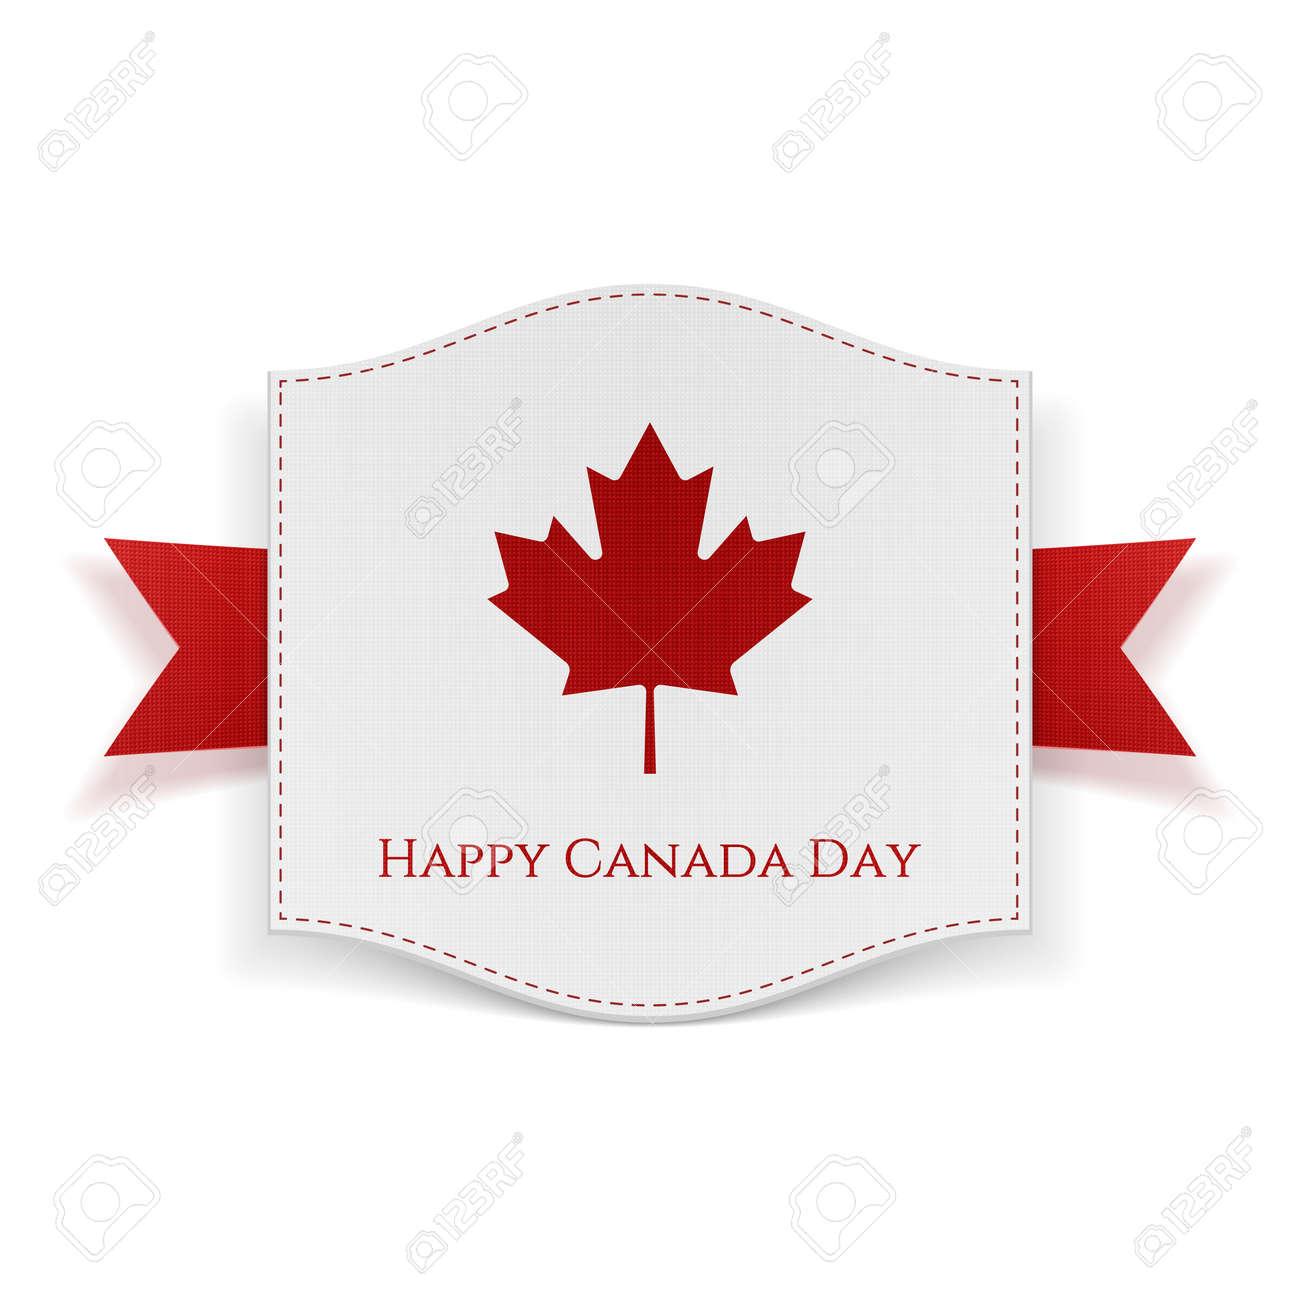 Plantilla Fondo Feliz Del Día De Canadá. Bandera Con El Texto Y La ...